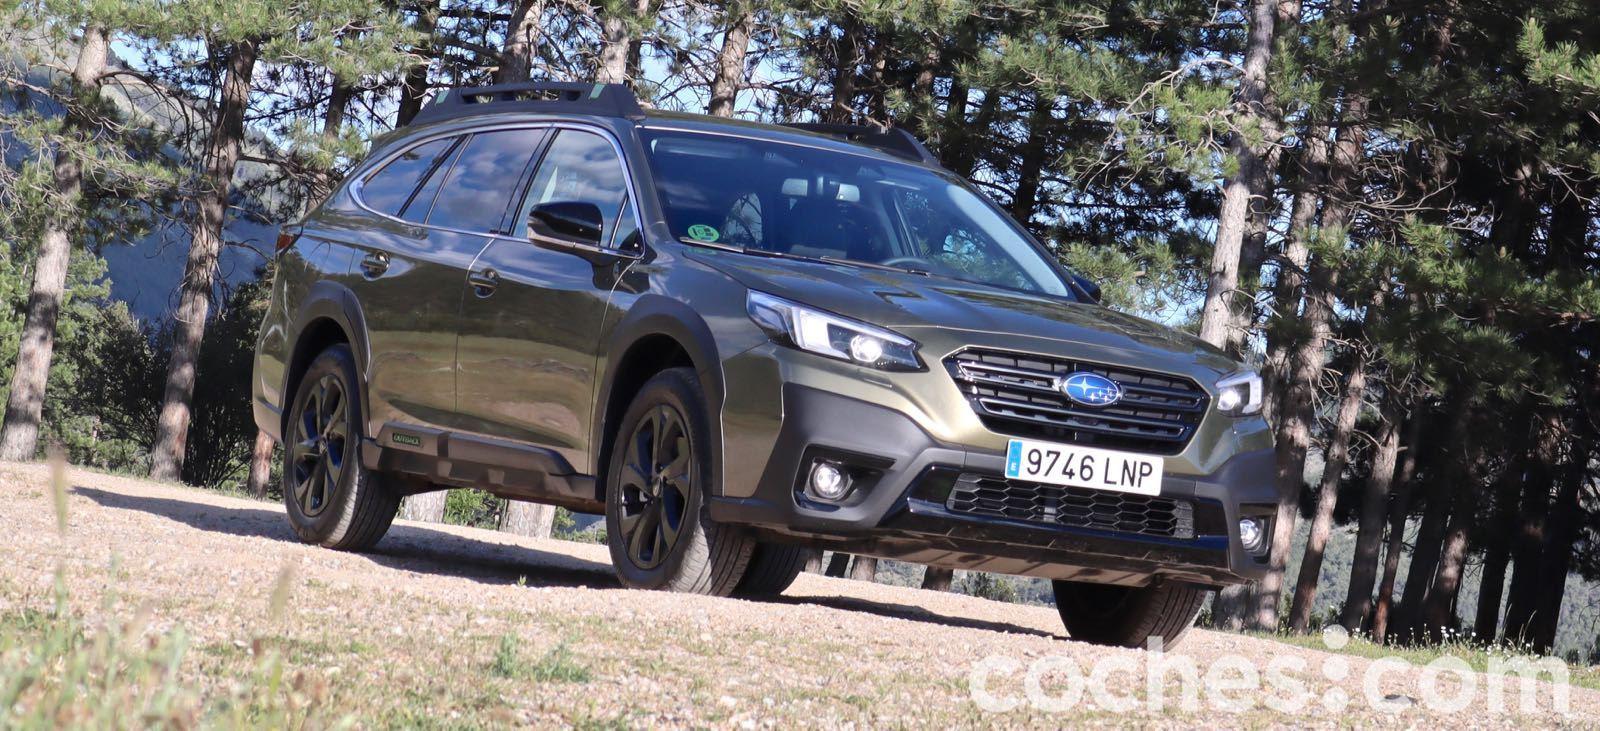 Subaru Outback Field prueba – 3